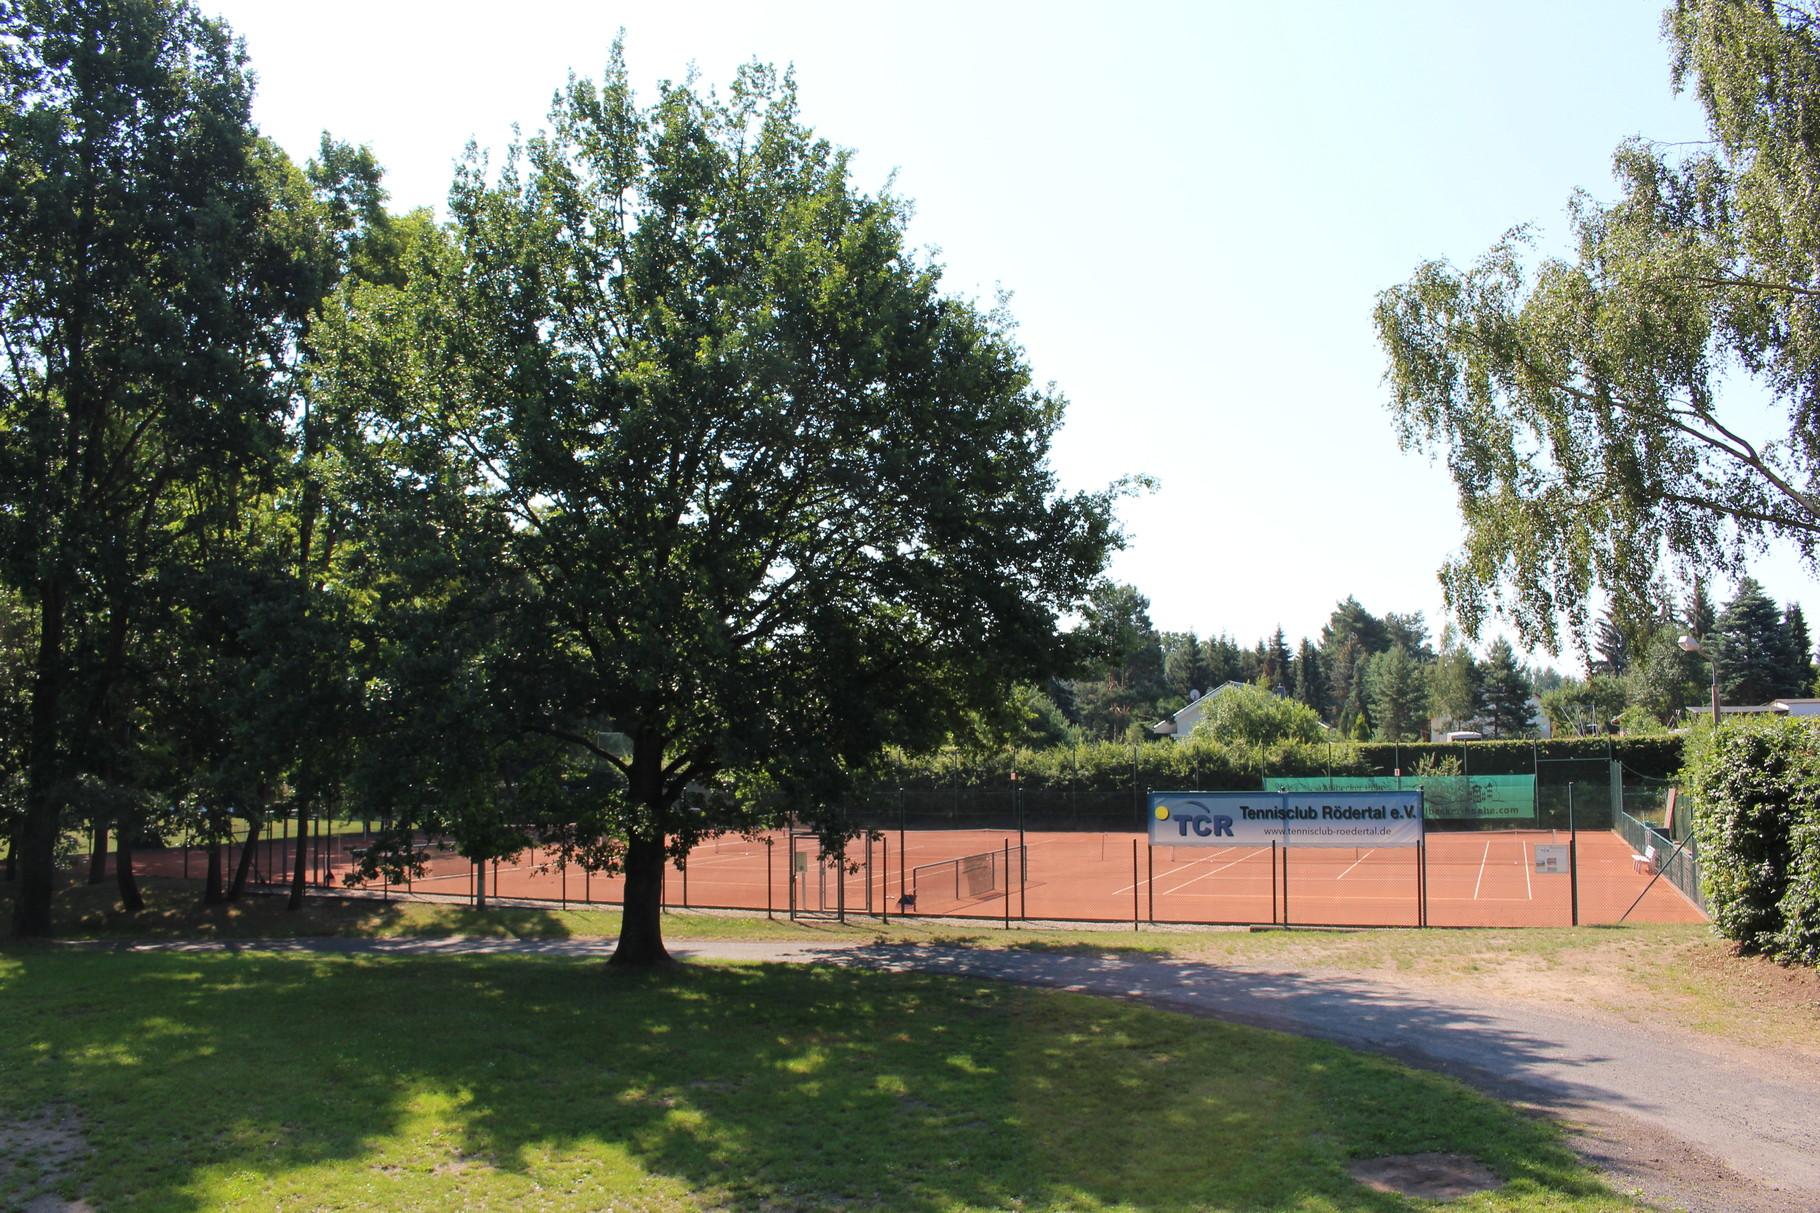 Außenansicht auf die Tennisanlage